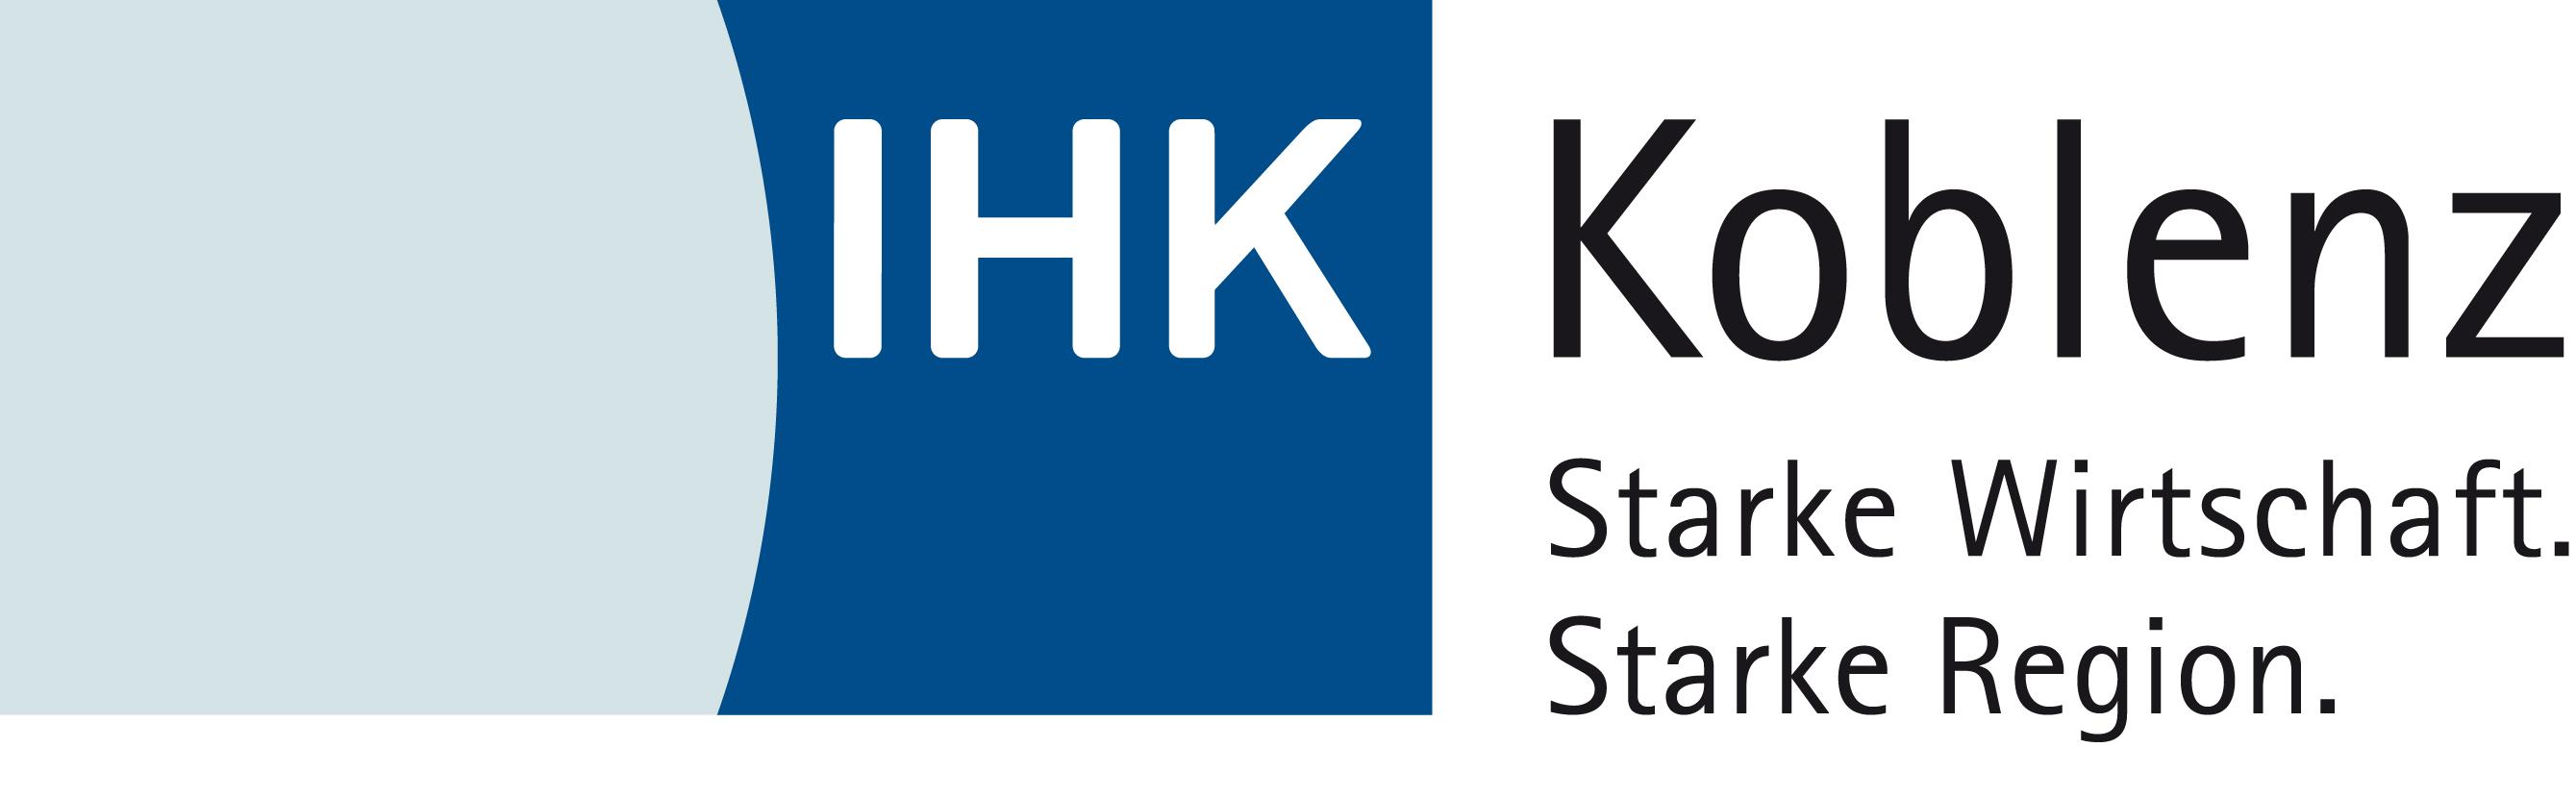 Logo: IHK Koblenz